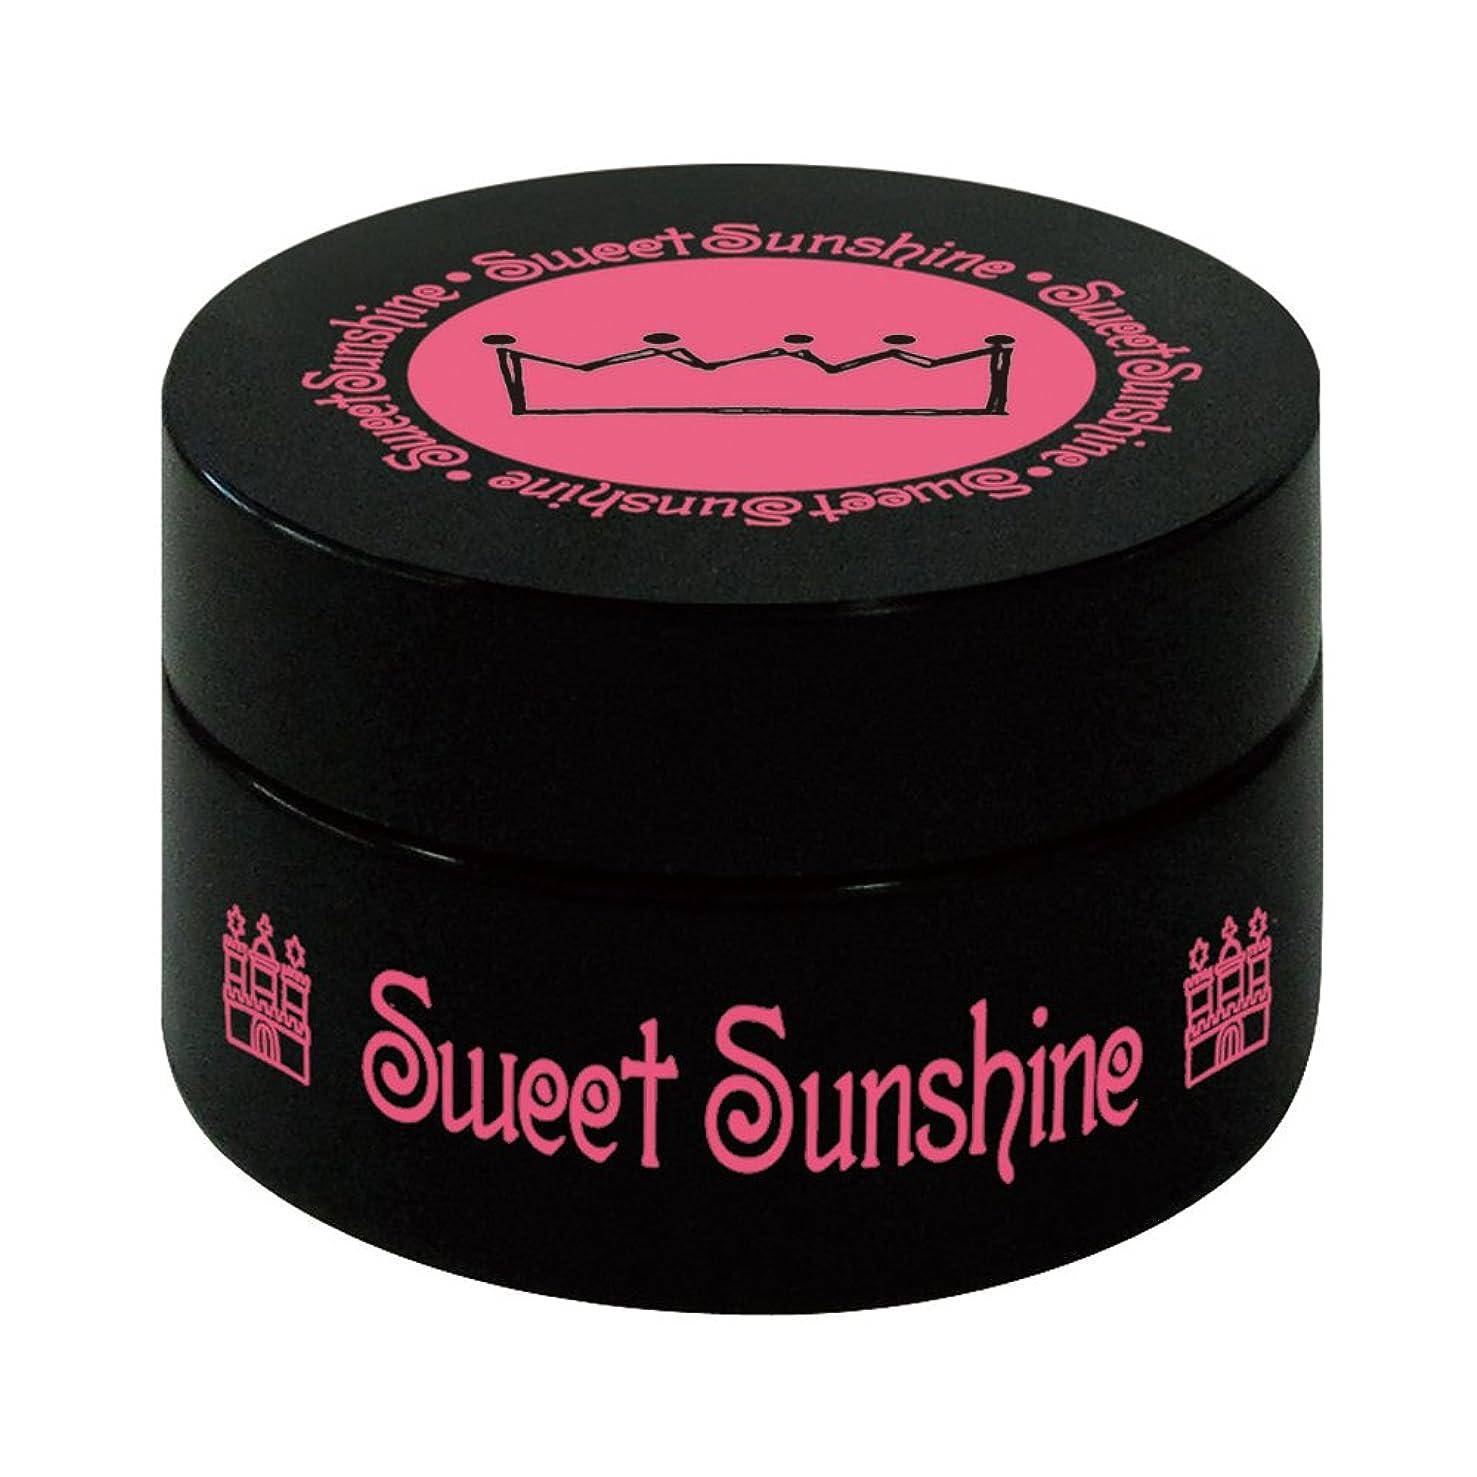 座るサイクルステーキ最速硬化LED対応 Sweet Sunshine カラージェル 4g SC-141 ターコイズ